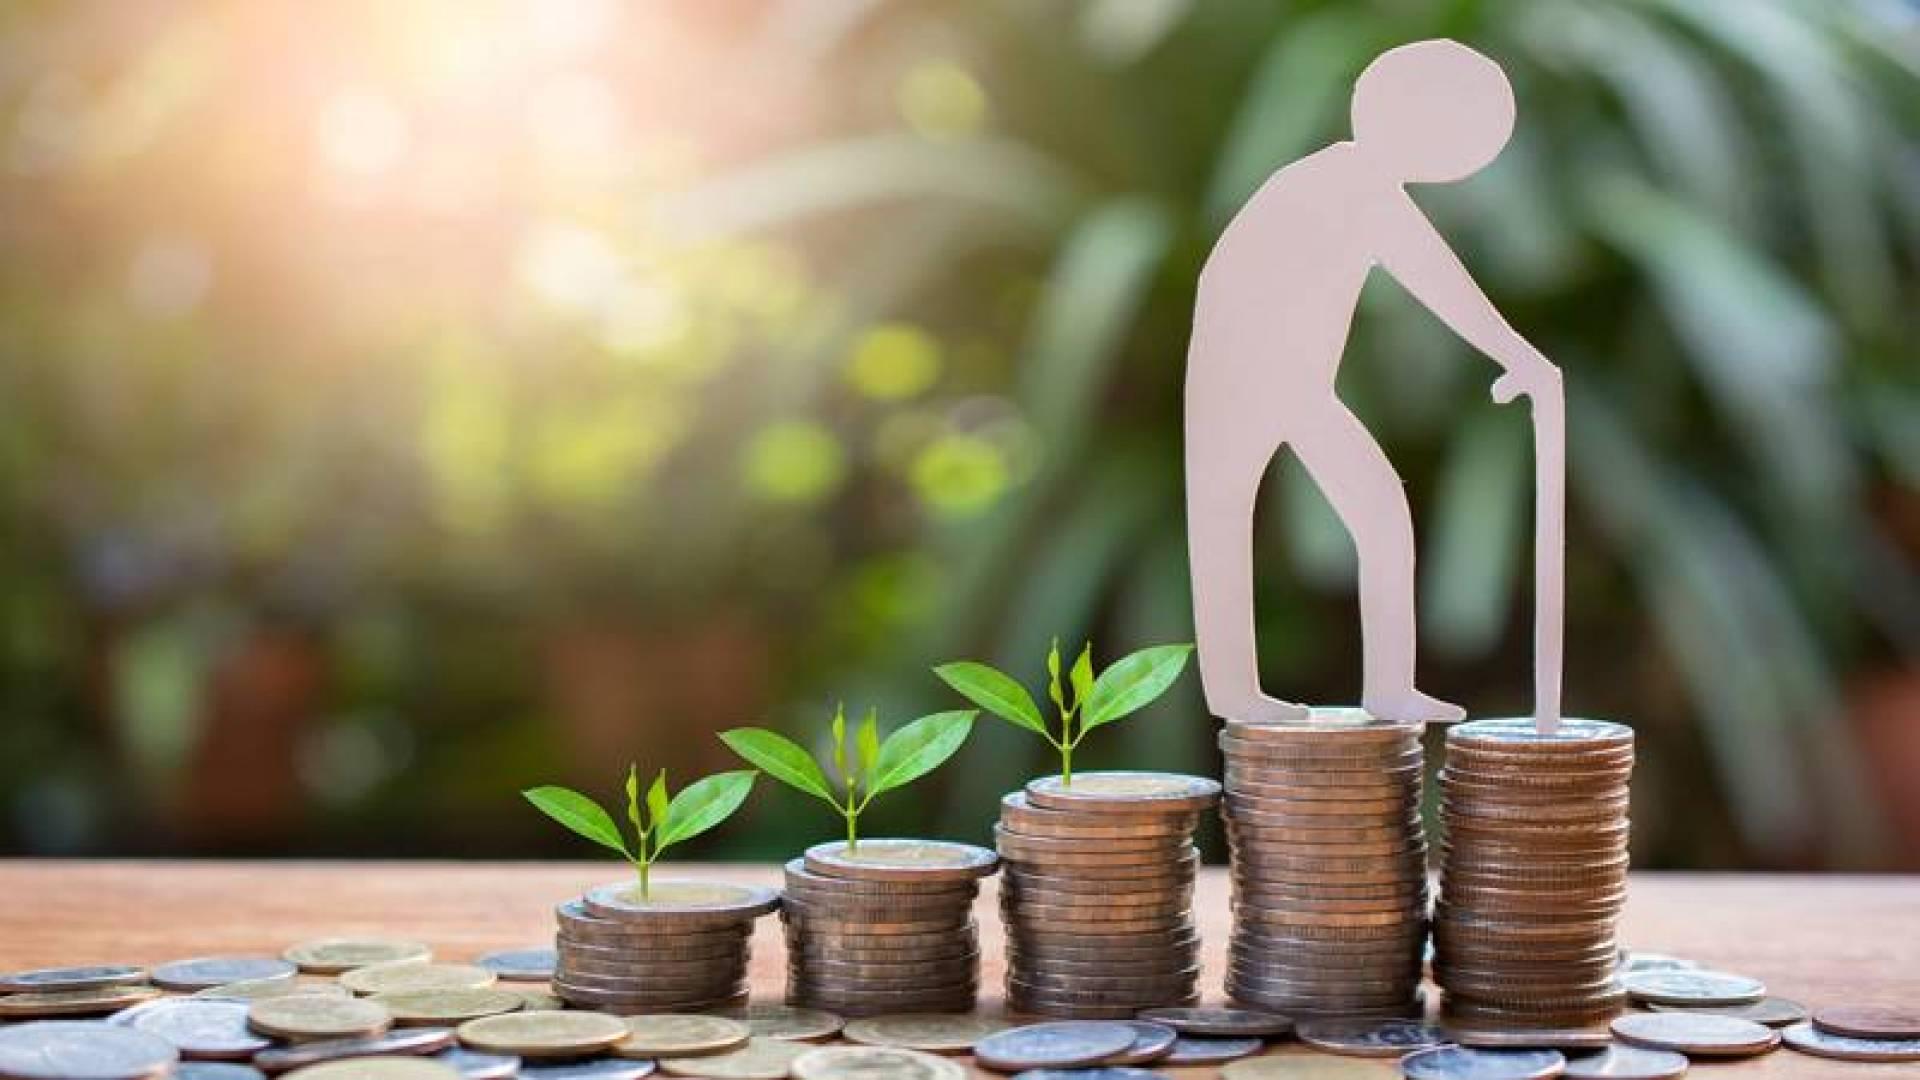 «التجارة» تنصف المتقاعدين بمزايا «المشروعات الصغيرة»